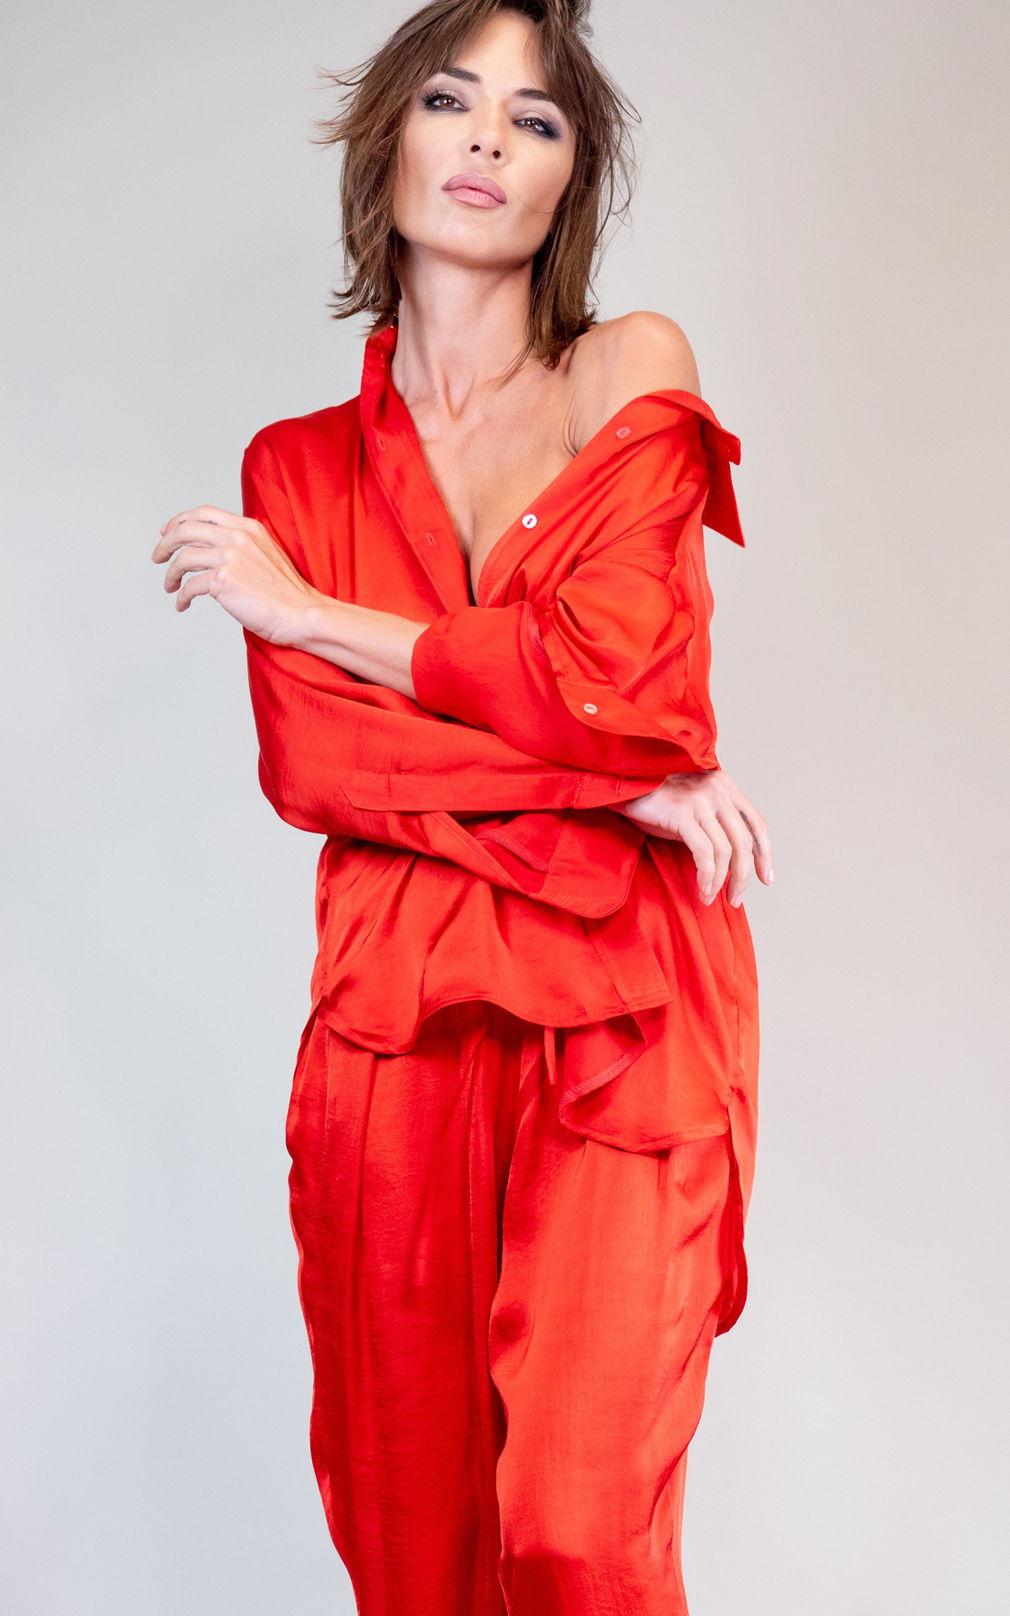 Рубашка Red Bedouin